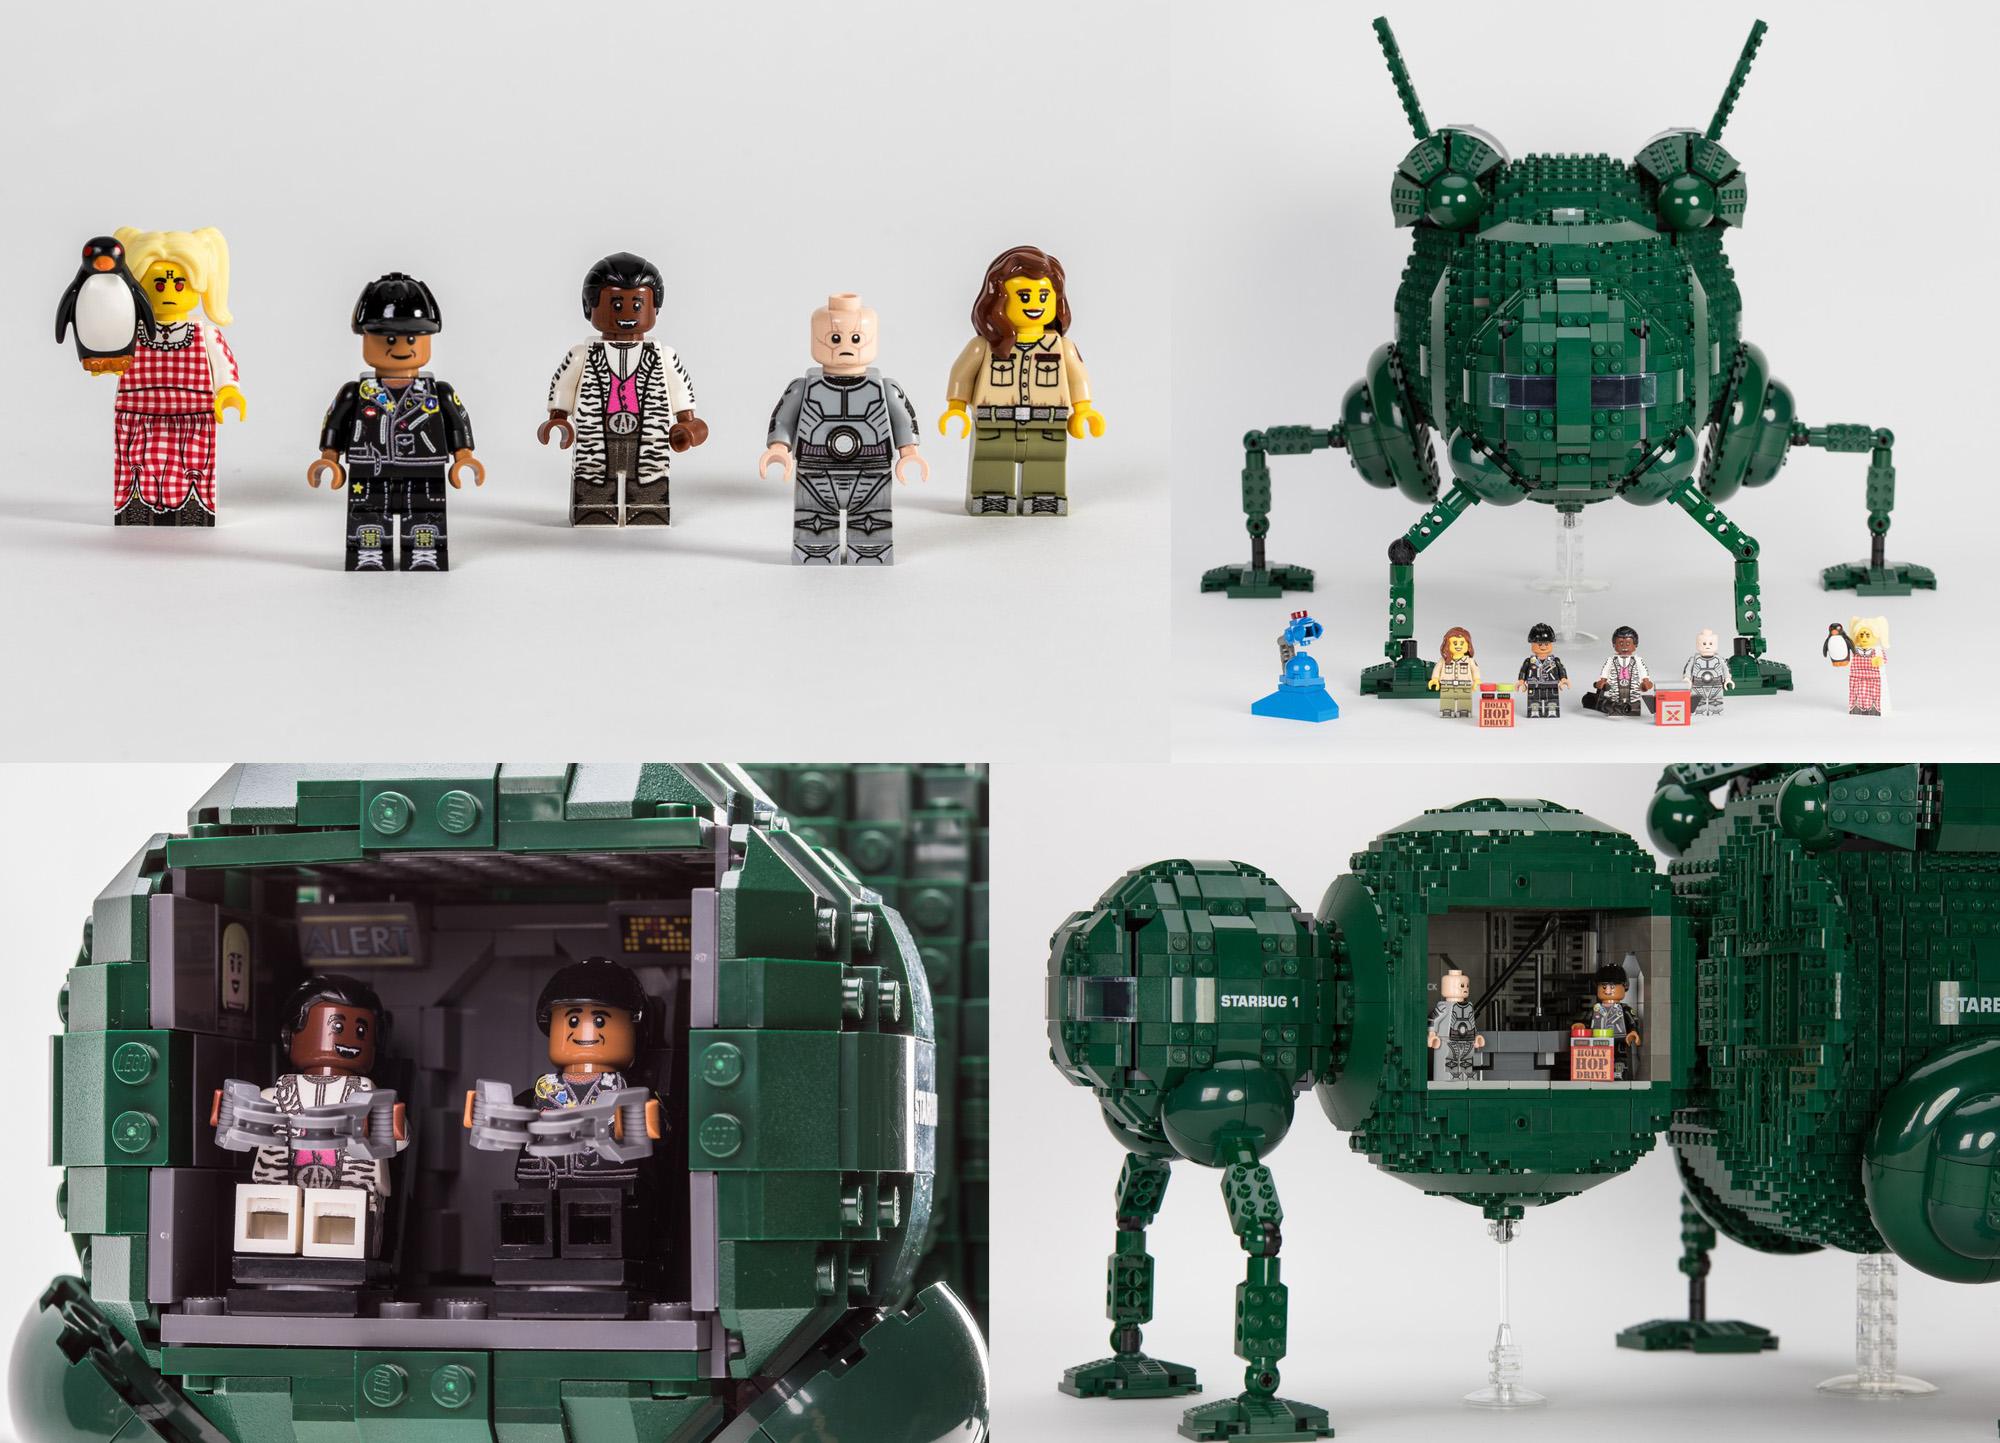 宇宙船レッド・ドワーフ号のスターバグがレゴ(LEGO)アイデア製品化レビュー進出!2020年第3回1万サポート獲得デザイン紹介